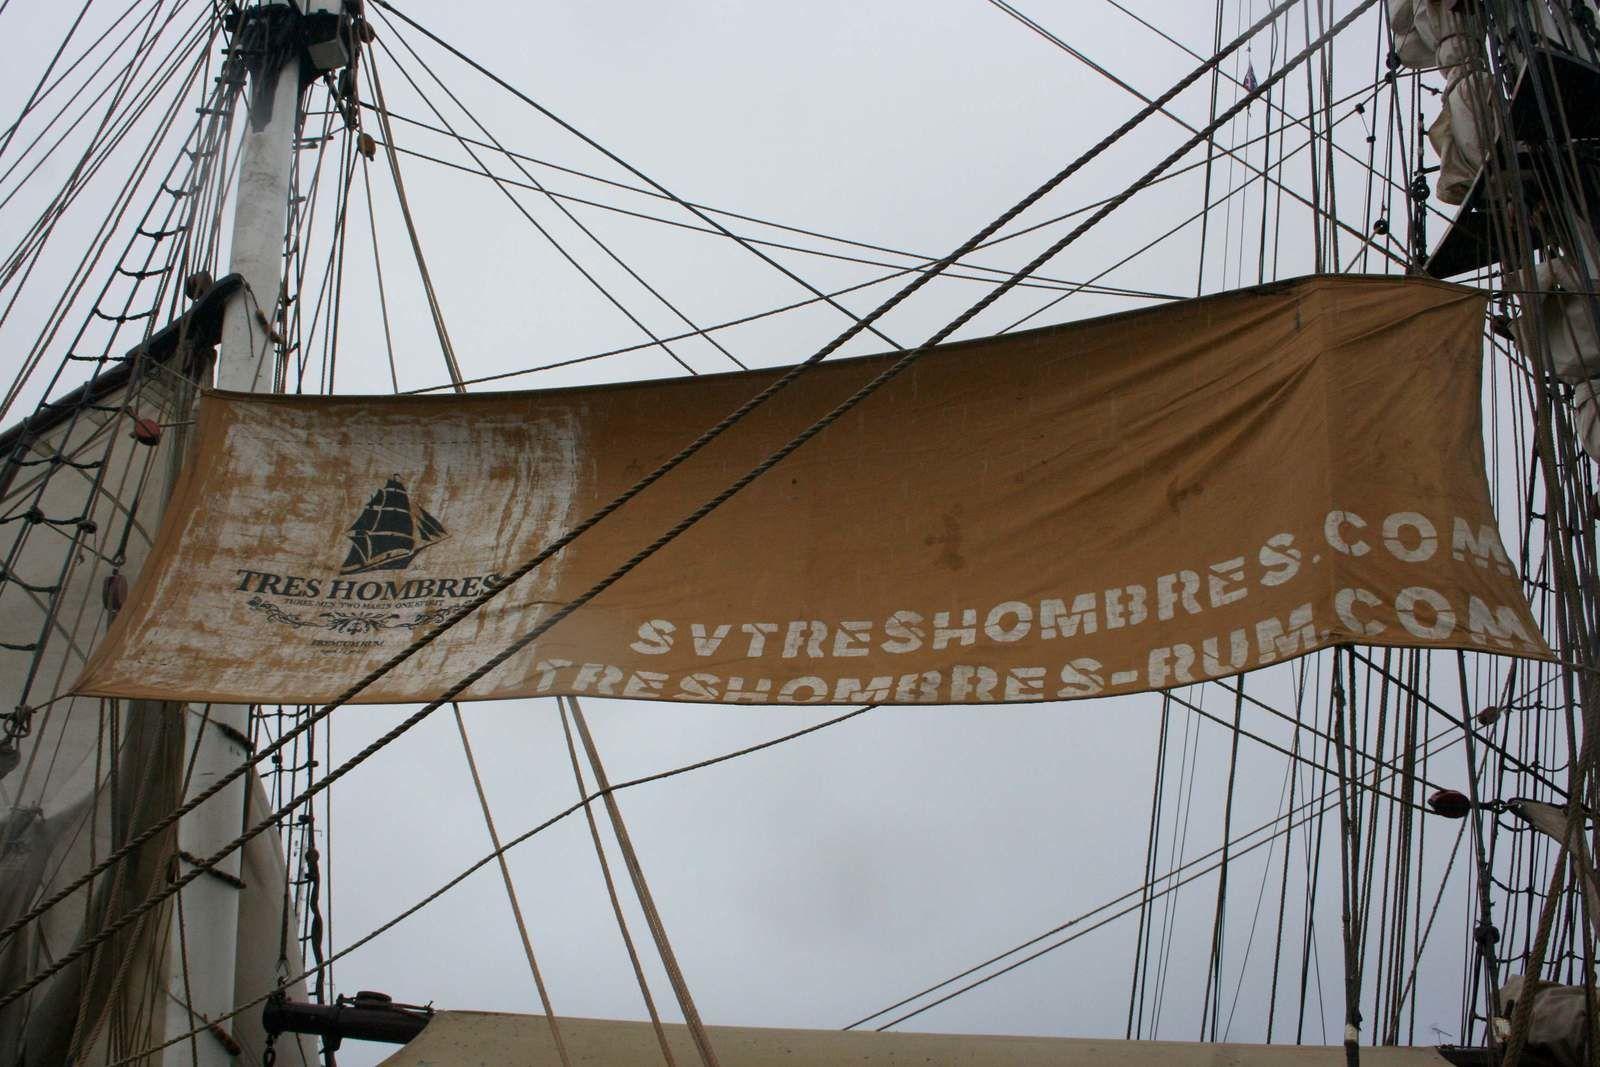 http://www.svtreshombres.com/ pour découvrir ses traversées et transports...